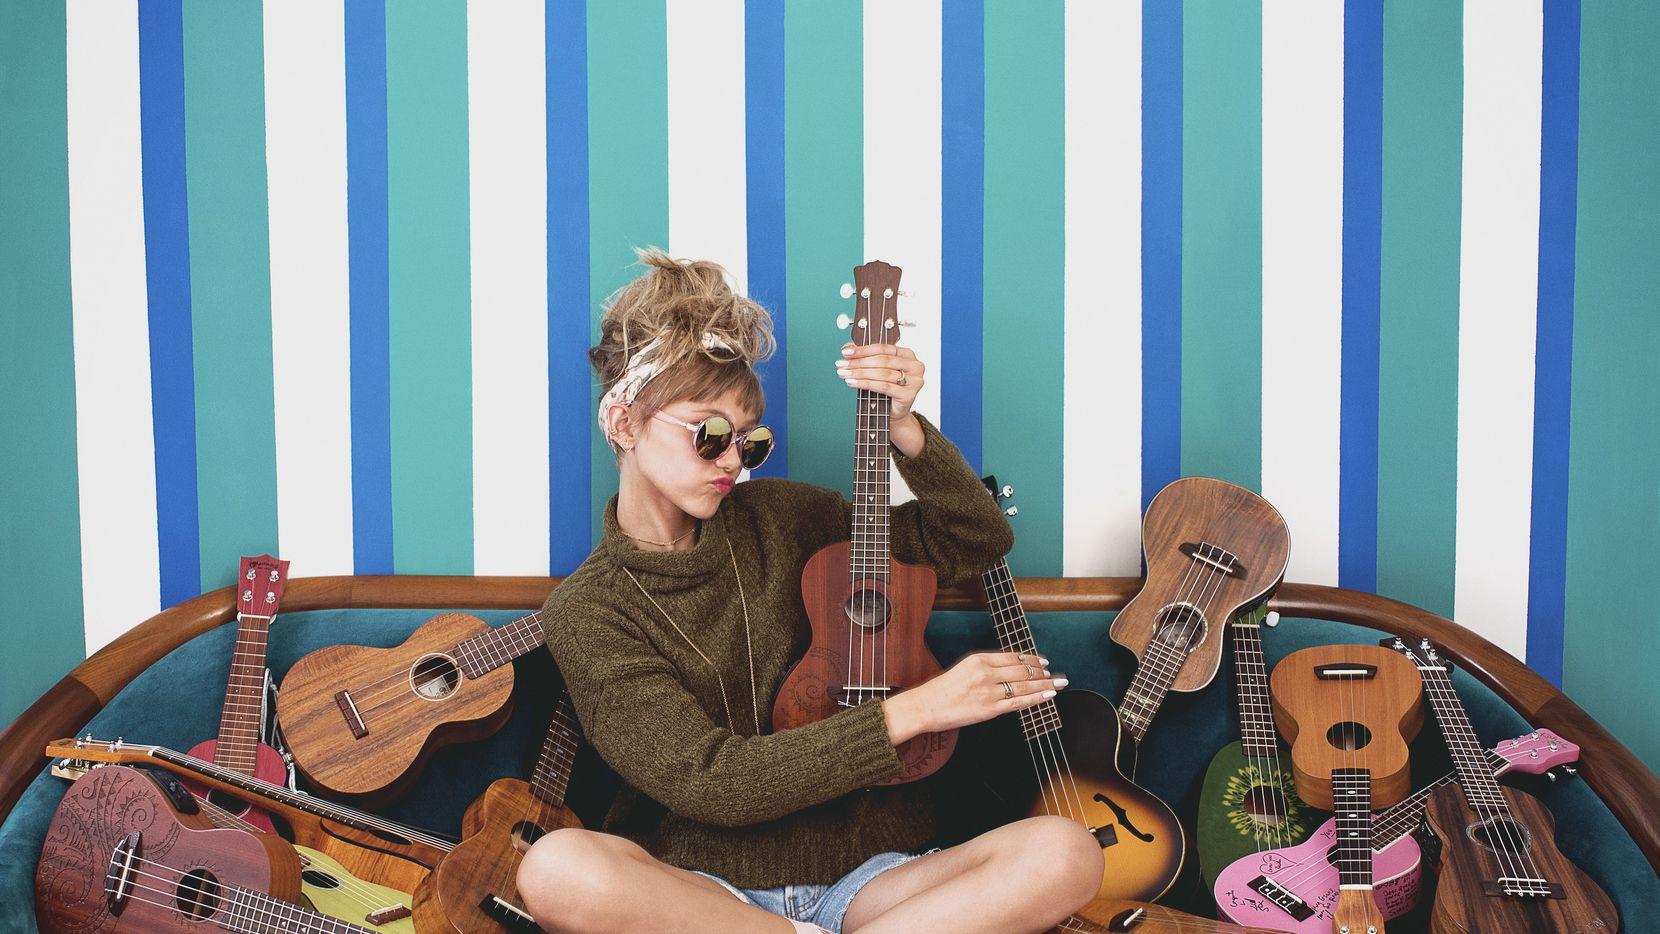 Grace VanderWaal is helping make the ukulele cool again.